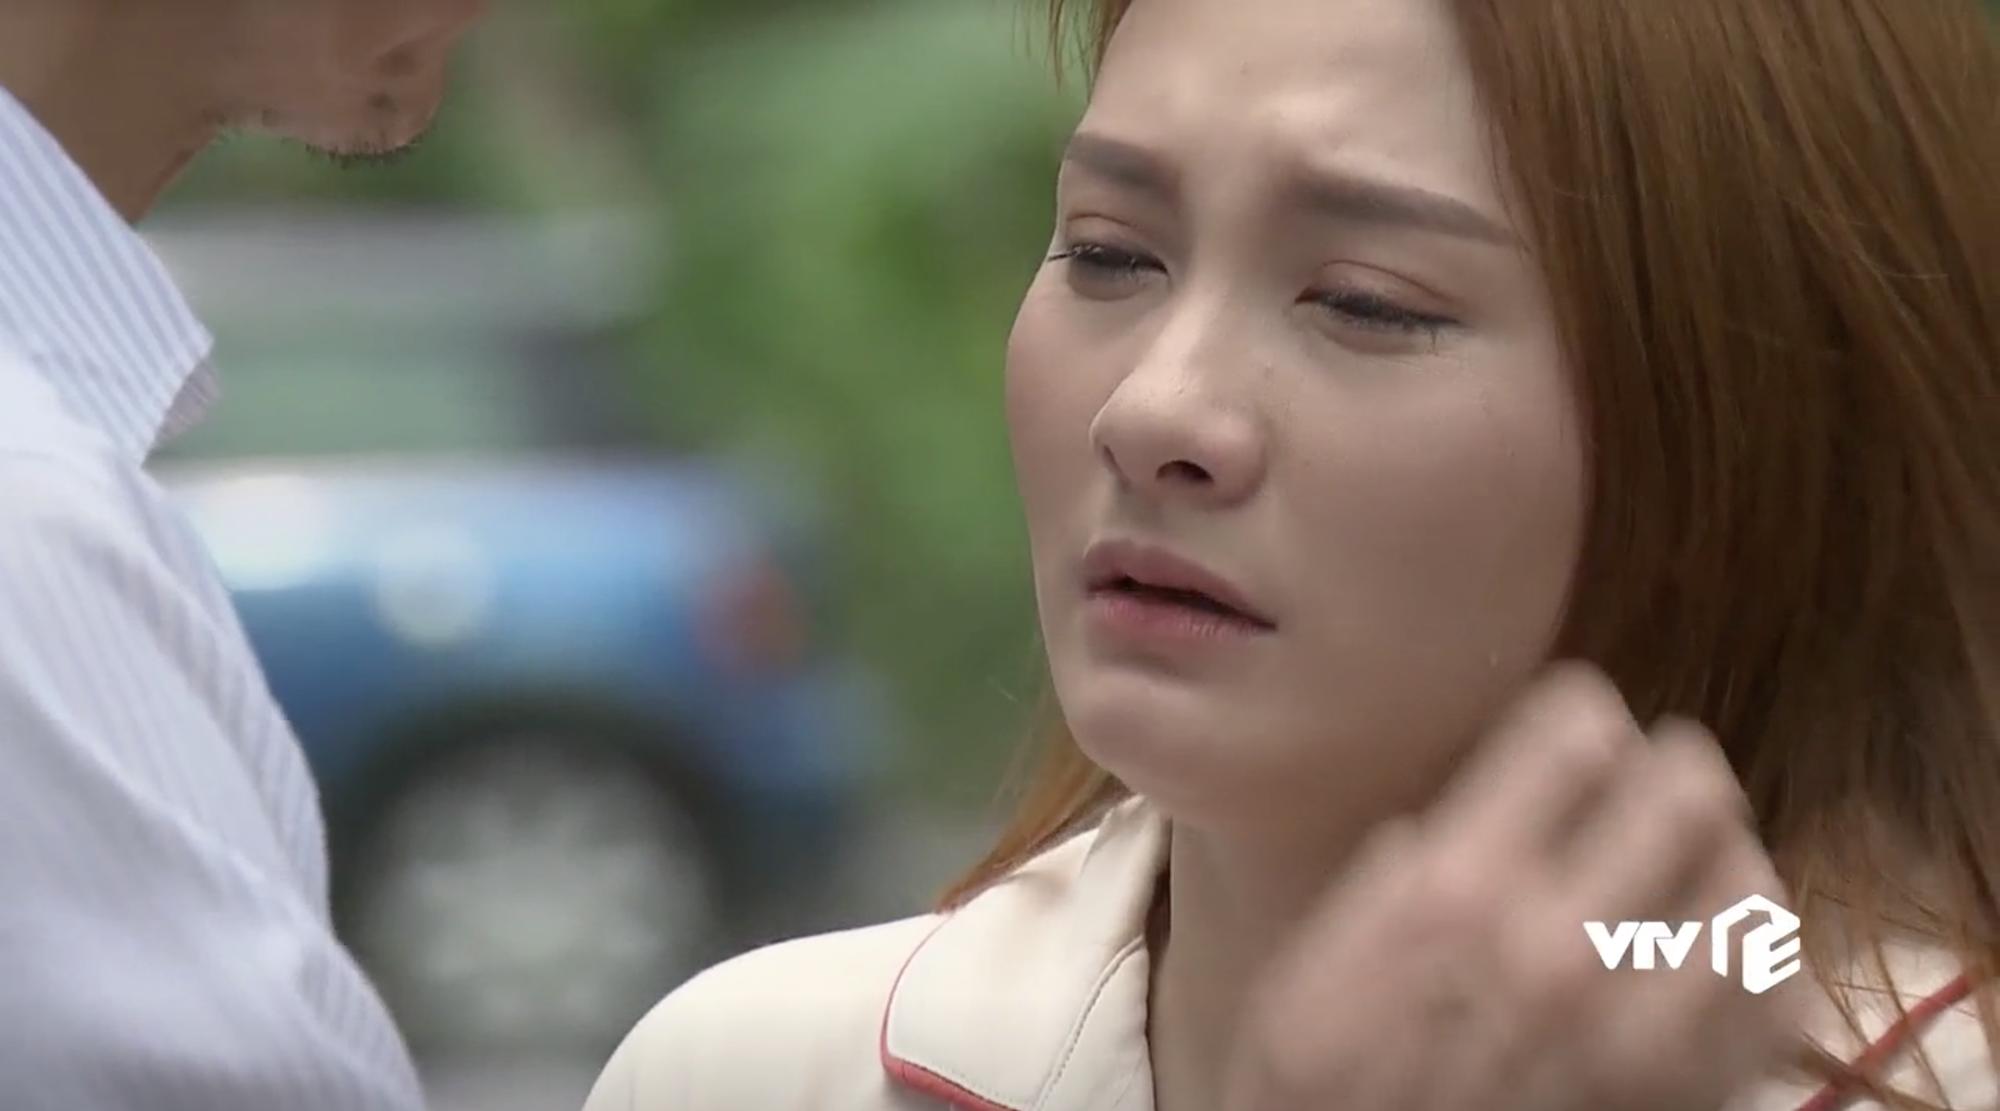 Nhìn Bảo Thanh khóc thật đau nhưng ai cũng mong cô tẩy trang đi vì phấn dày bờ cả lên rồi - Ảnh 3.